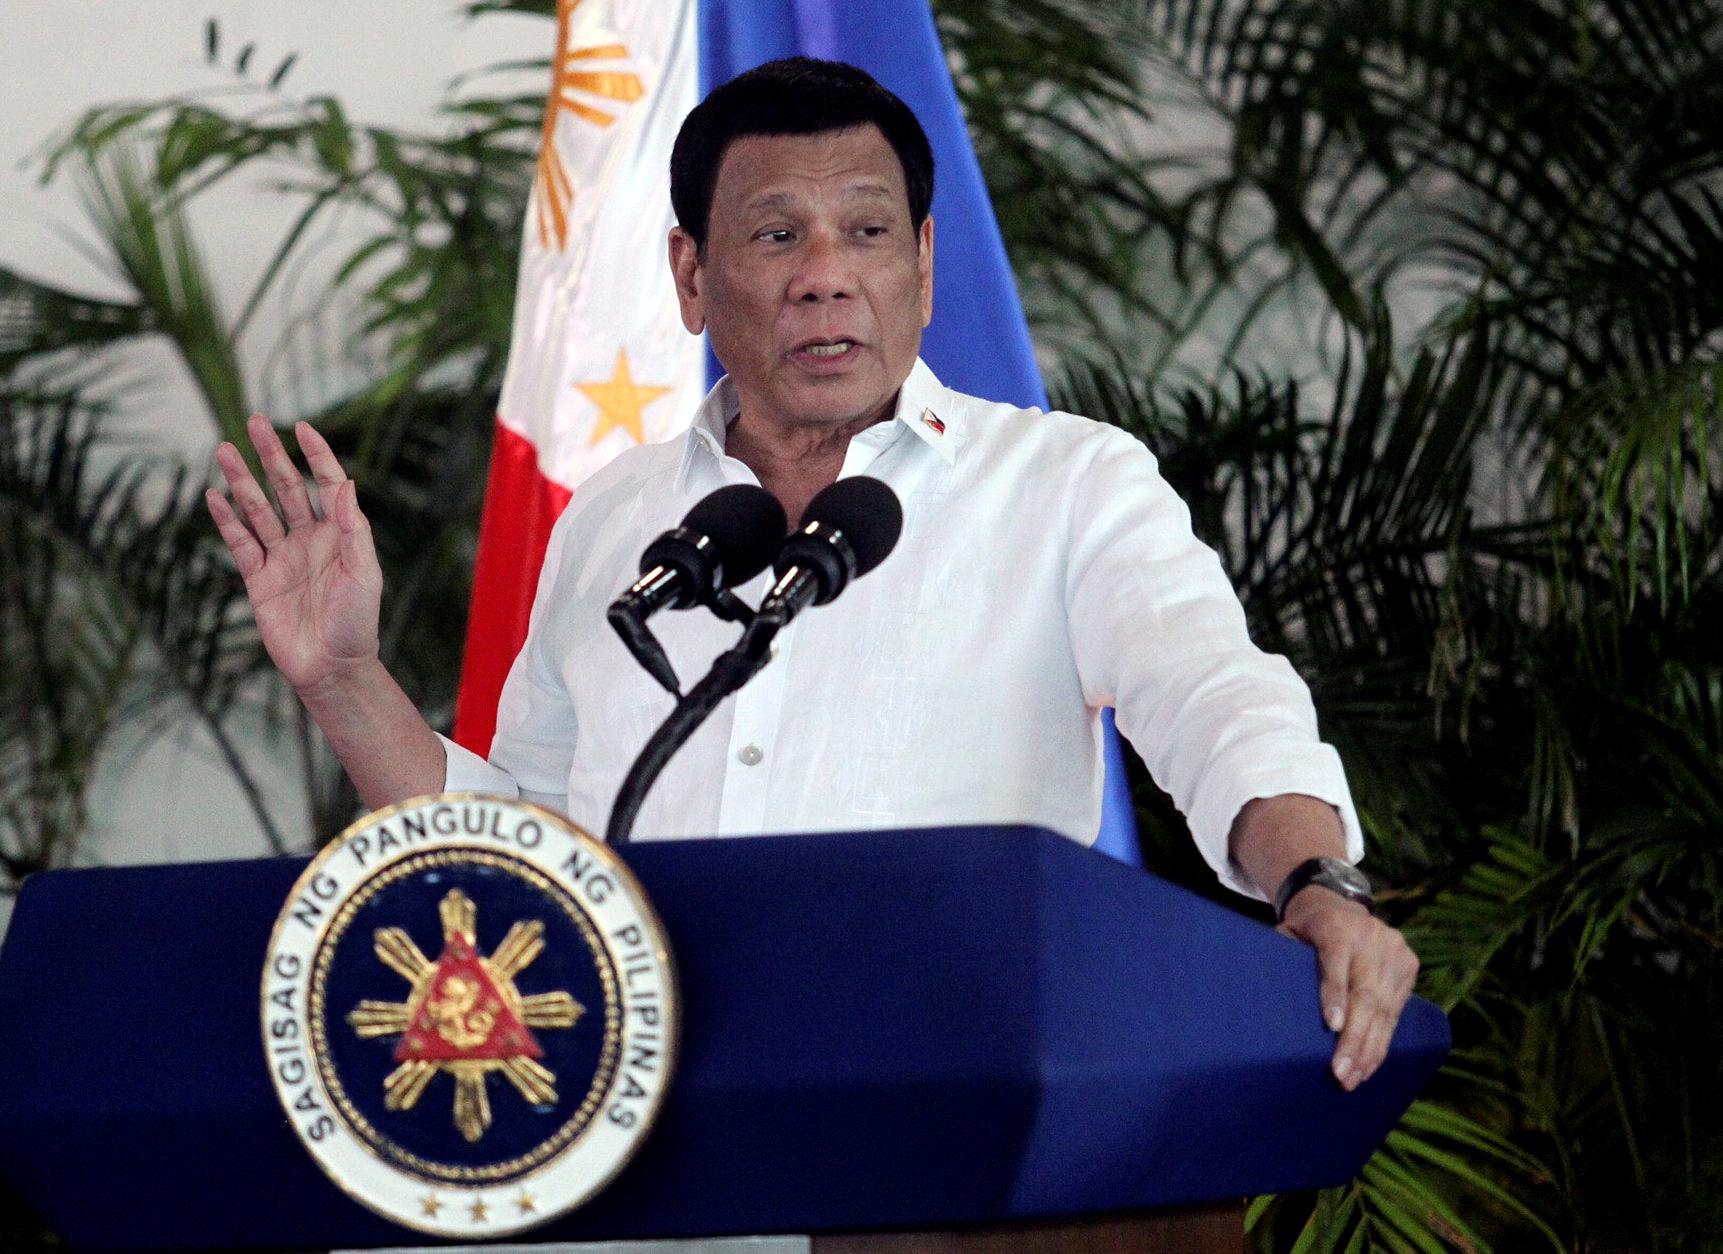 Φιλιππίνες: Πειραματόζωο ο πρόεδρος Ντουτέρτε – Θα δοκιμάσει το ρωσικό εμβόλιο κατά του κορονοϊού